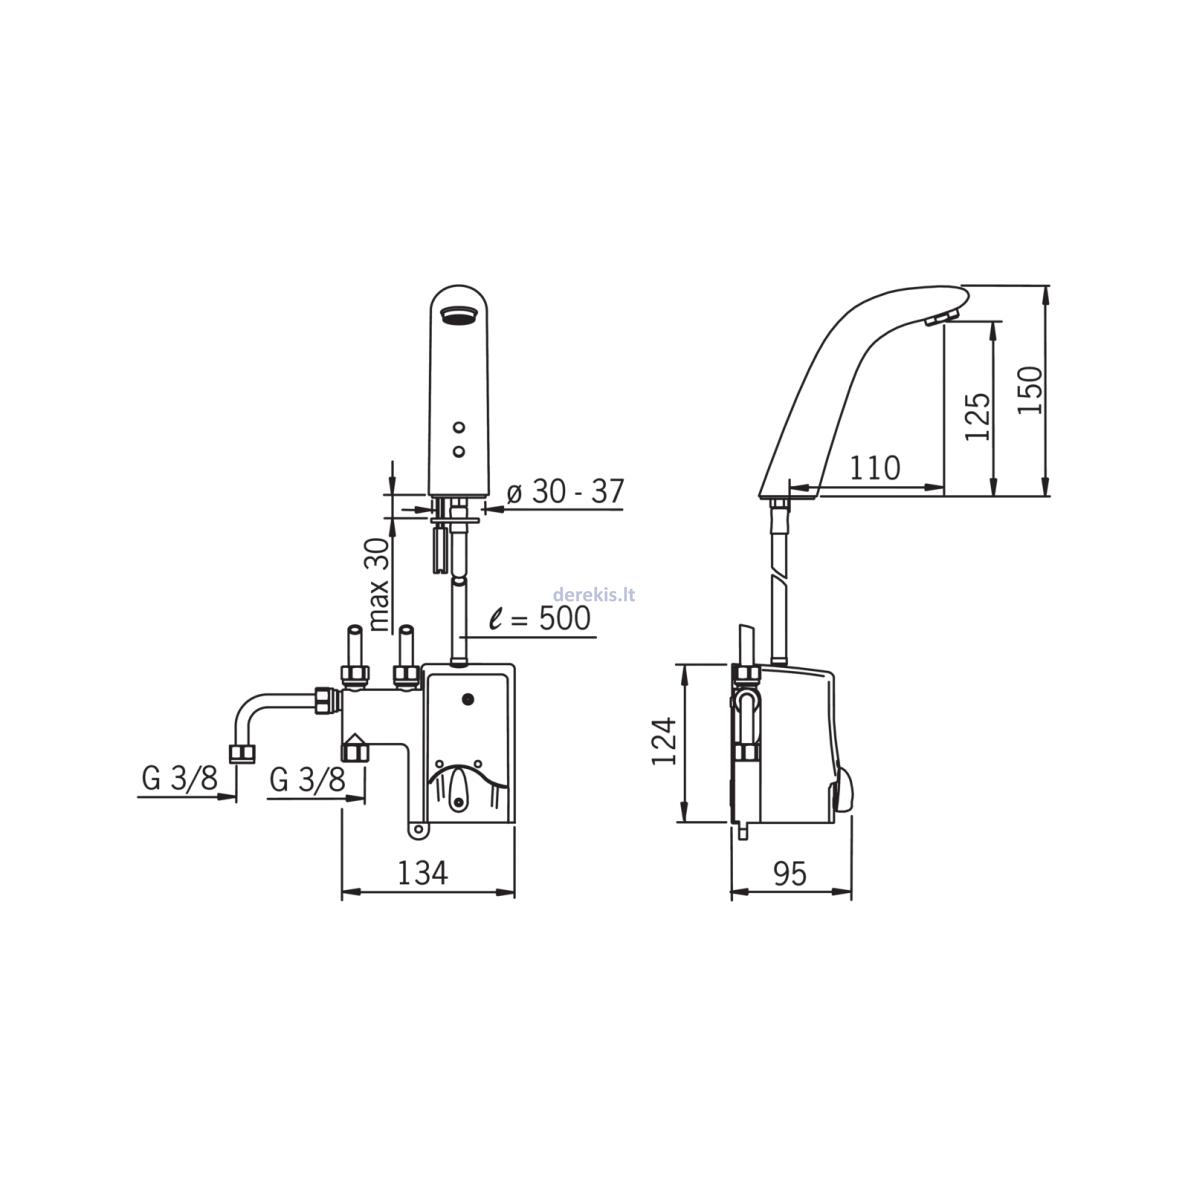 LA CUCINA ALESSI by Oras 8528 | Bathroom equipment | PLUMBING ...